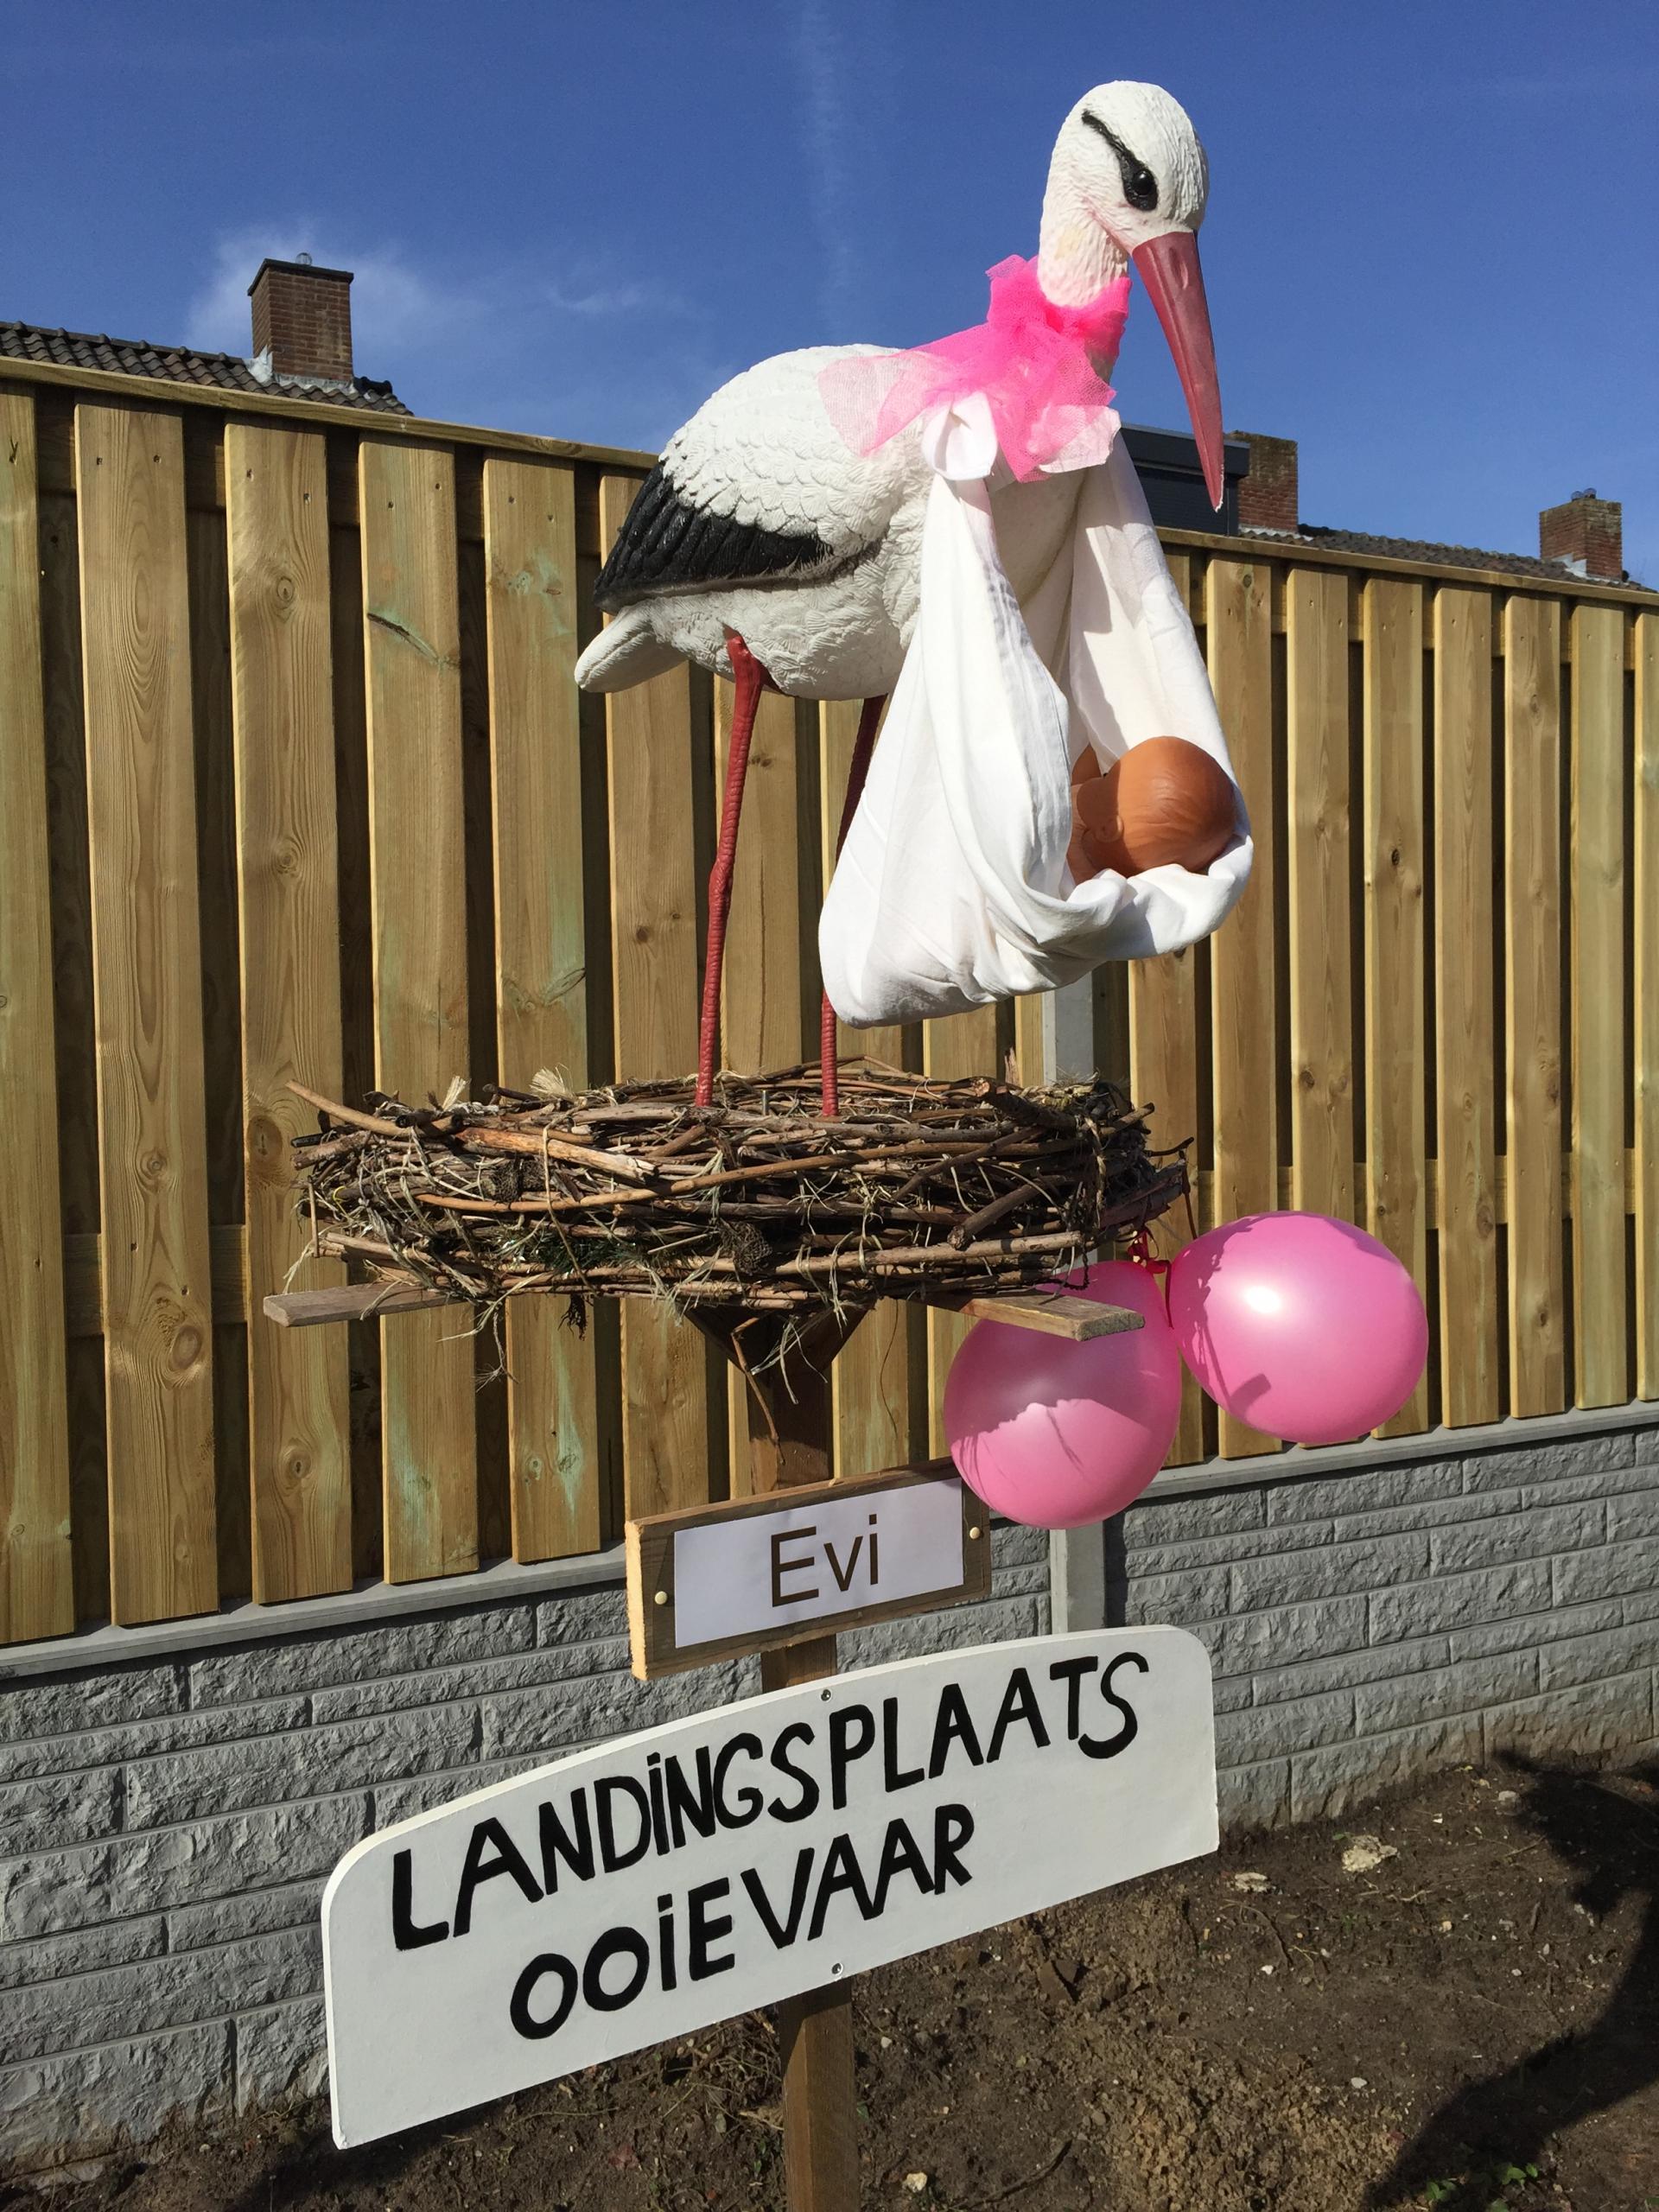 #19 2a R Ooievaar op nest met landingsplaats, hangende baby, strikje om nek, 2 ballonnen